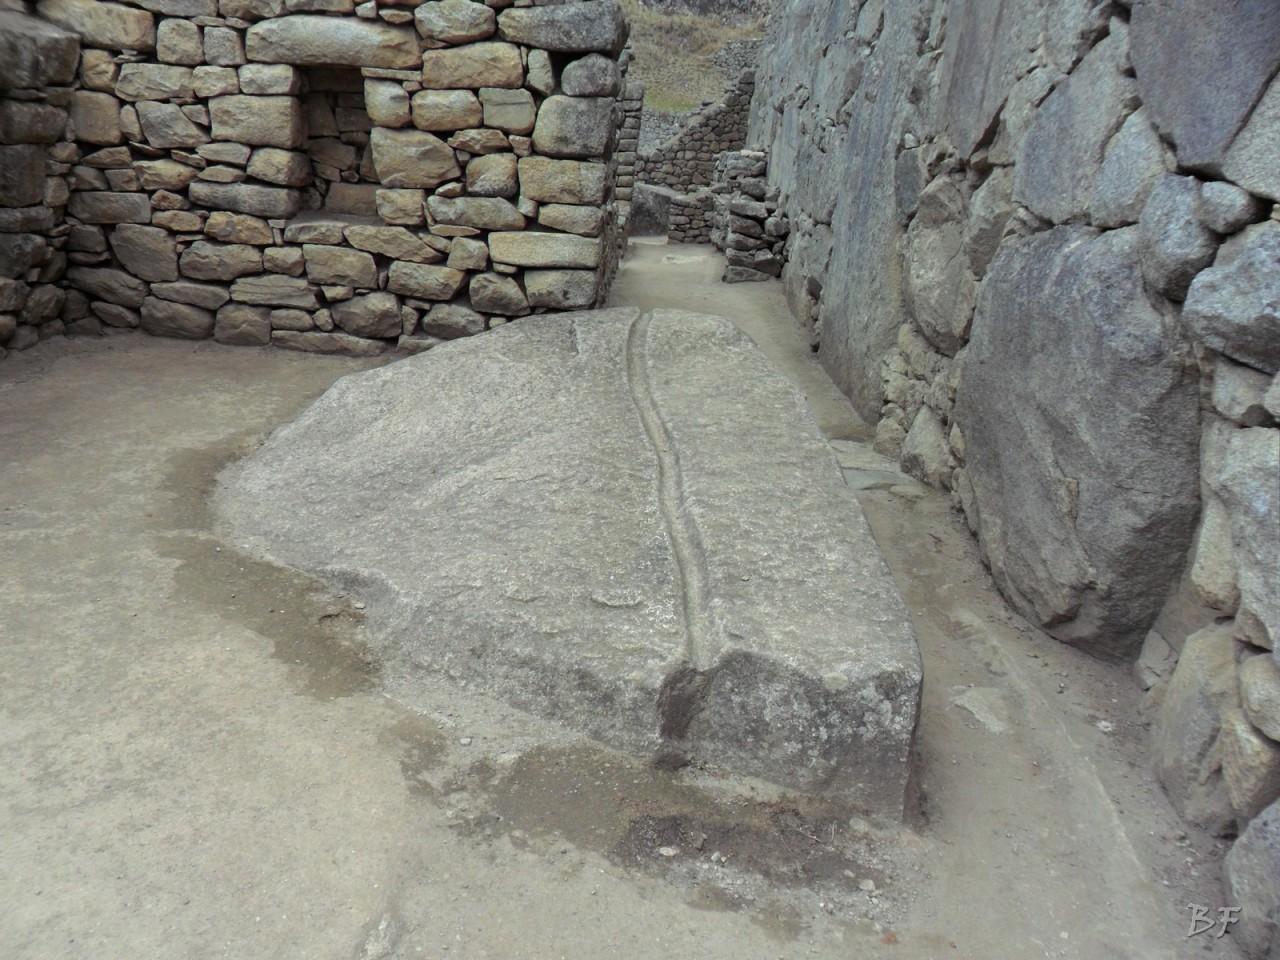 Mura-Poligonali-Incisioni-Altari-Edifici-Rupestri-Megaliti-Machu-Picchu-Aguas-Calientes-Urubamba-Cusco-Perù-88